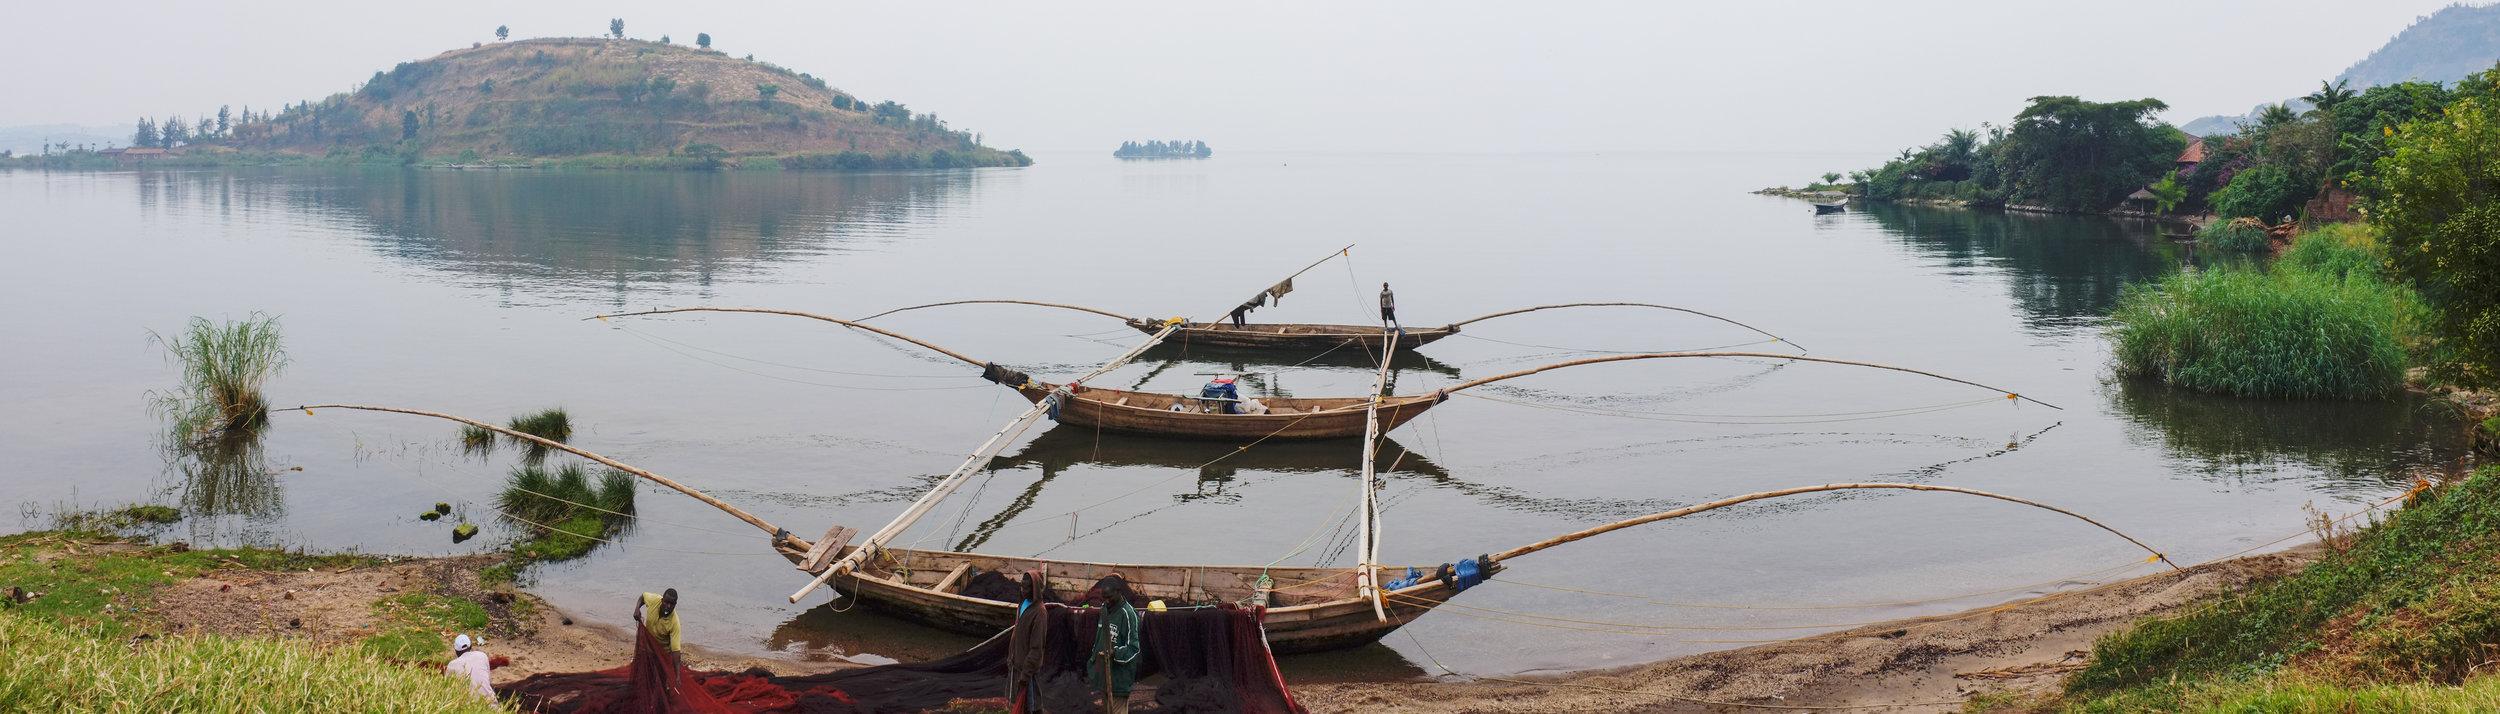 KIVU FISHING BOAT